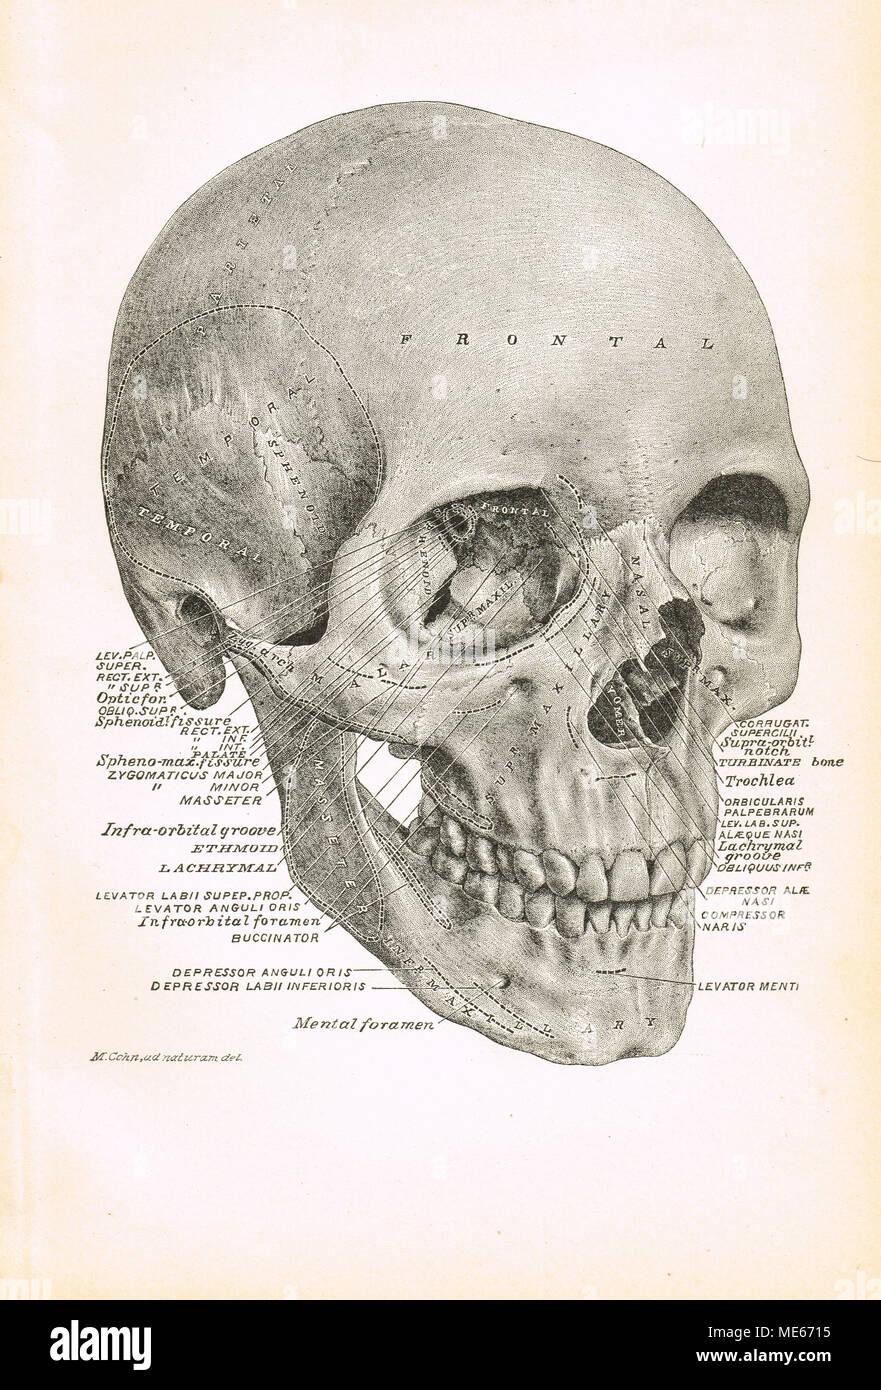 Cráneo humano ilustración del siglo XIX Foto & Imagen De Stock ...